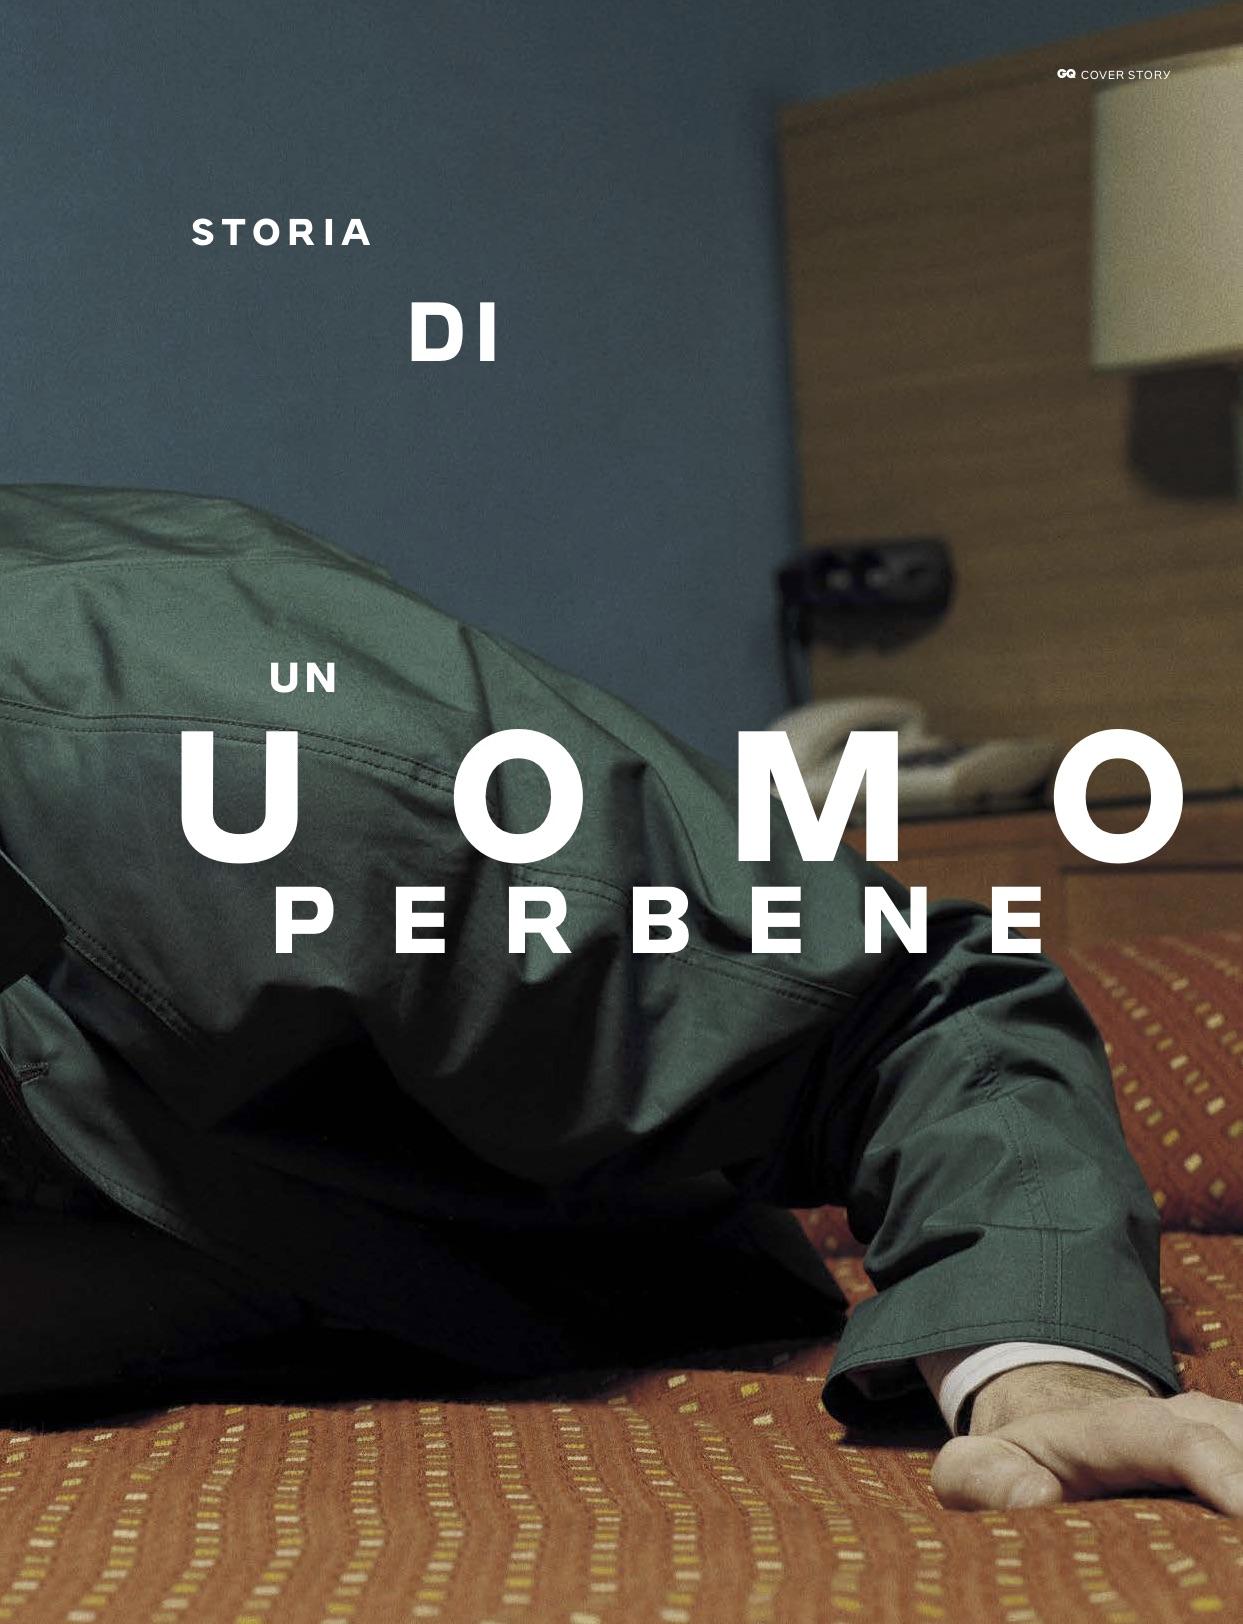 GQ ITALIA - Marzo 2019 Photographer: Philip Gay Model: Alessandro Borghi